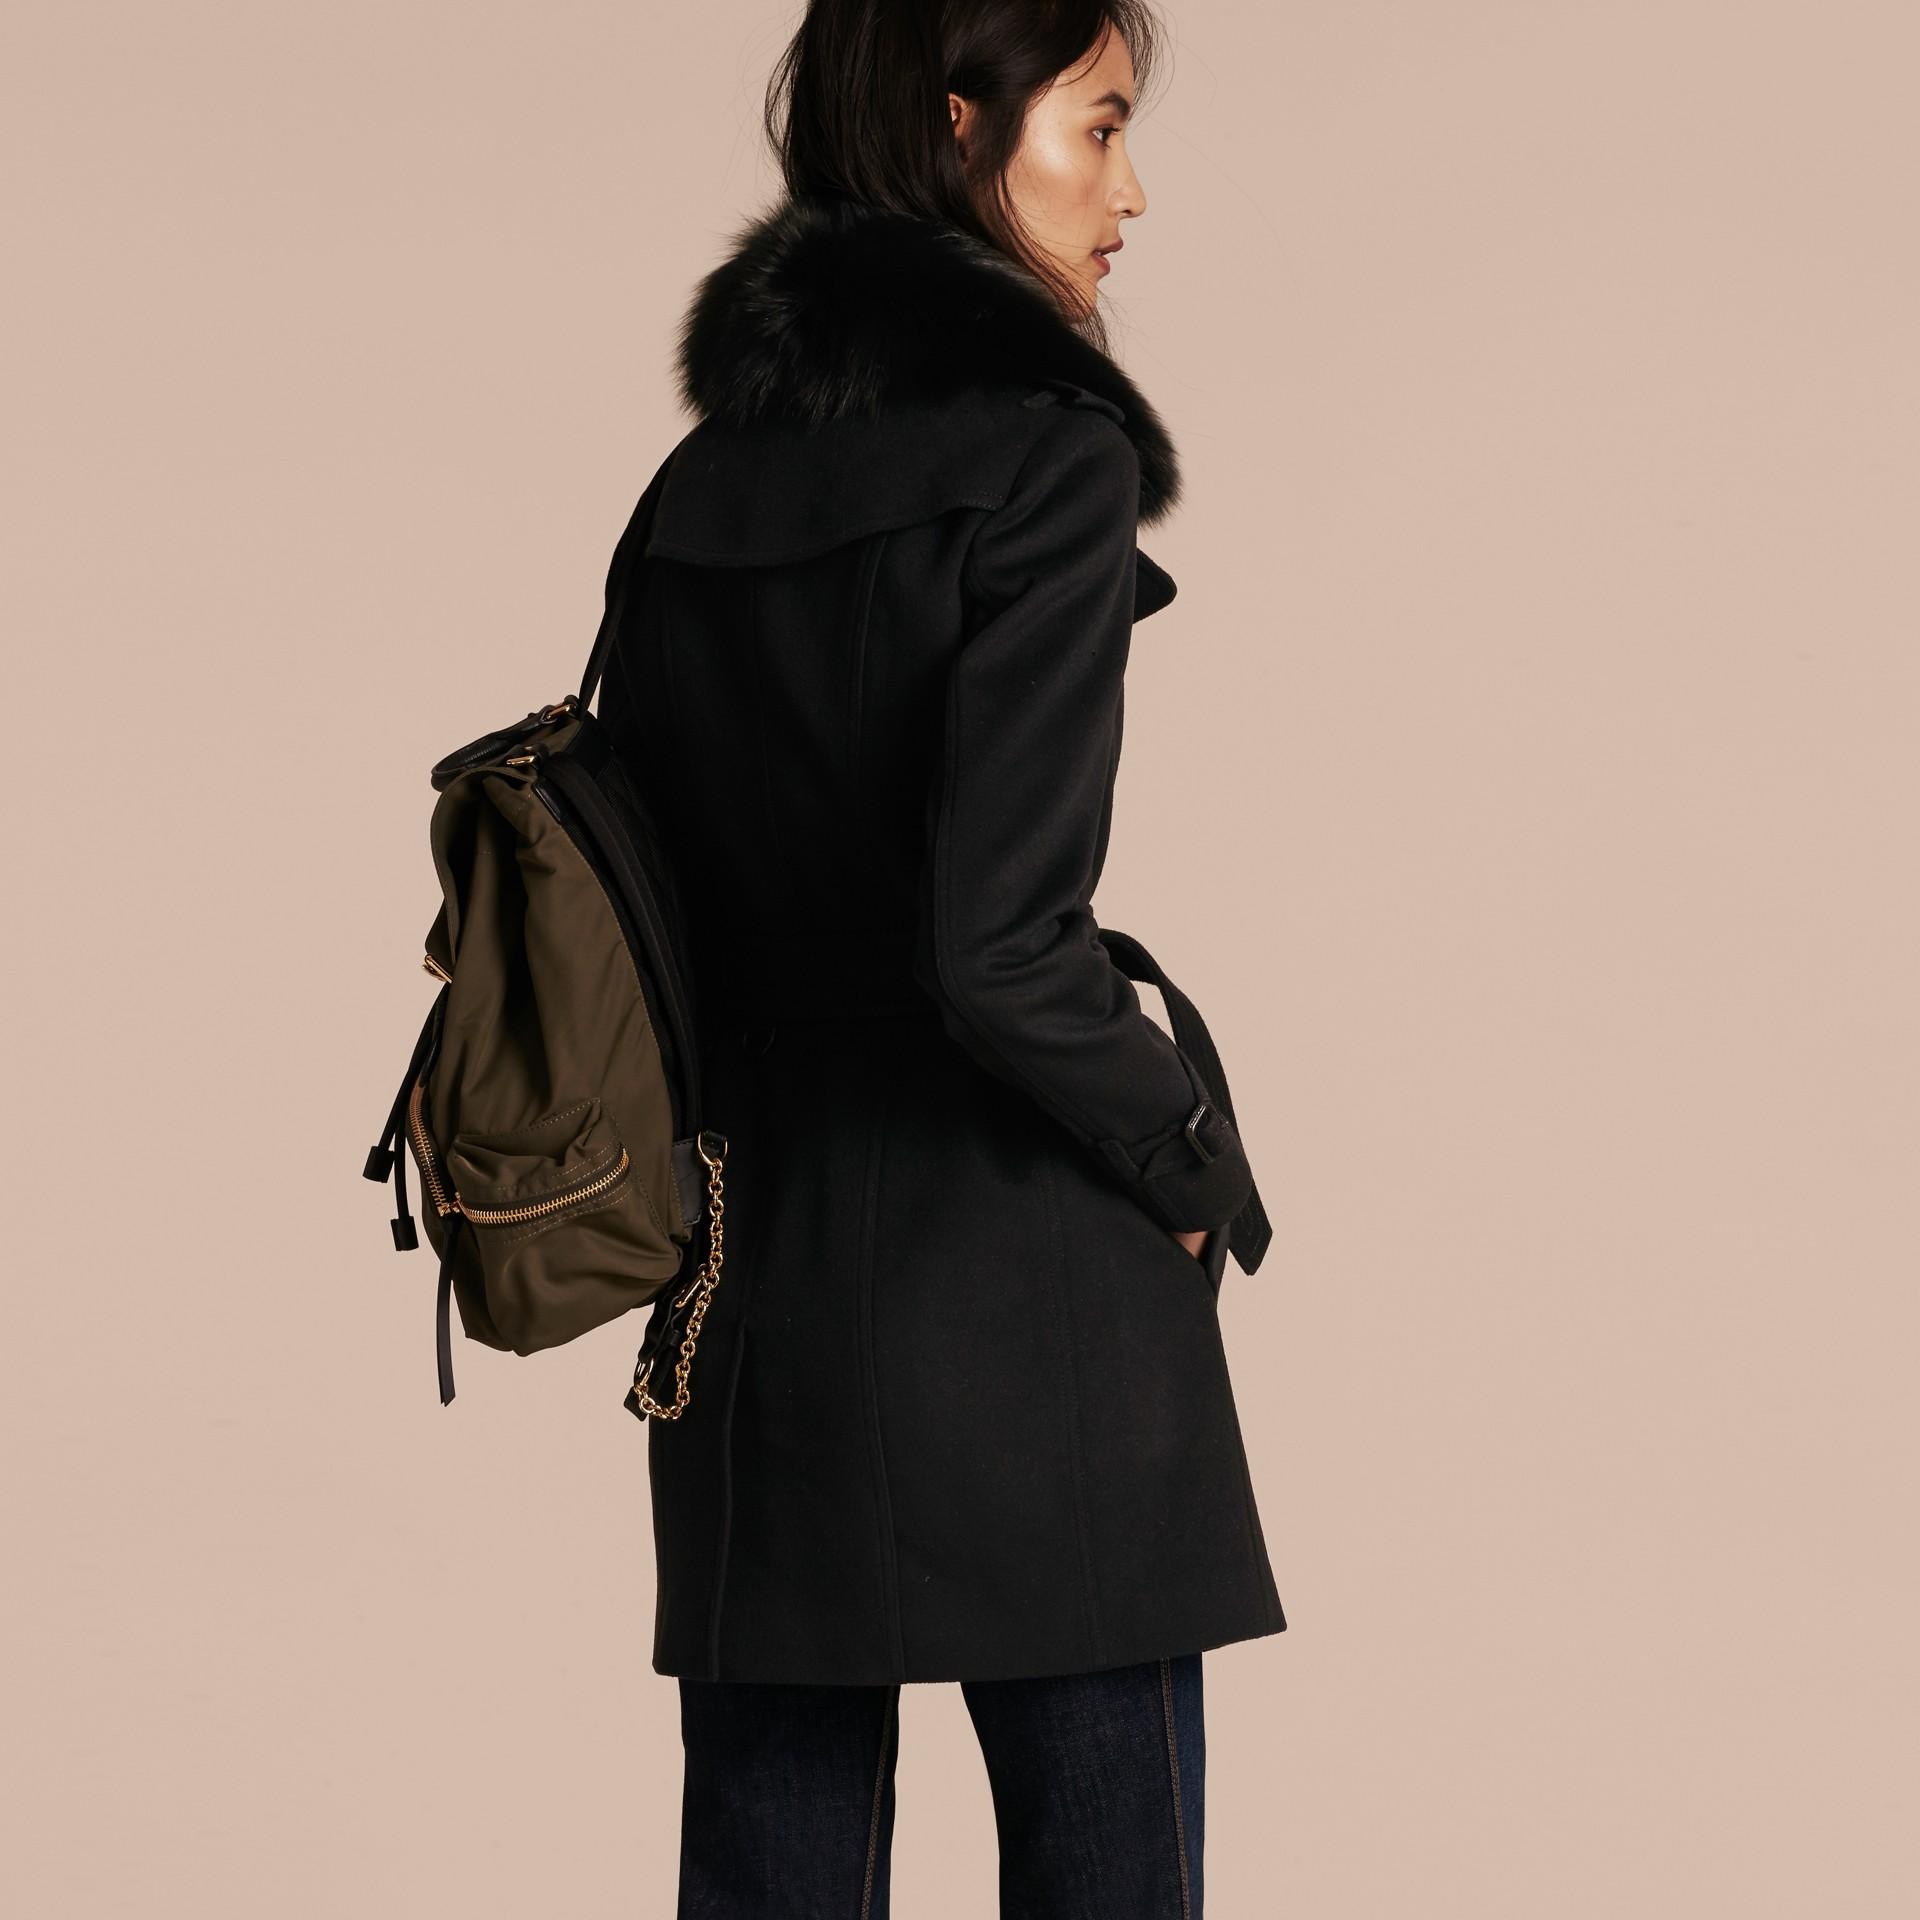 Negro Trench coat en lana y cachemir con cuello en piel de zorro Negro - imagen de la galería 3